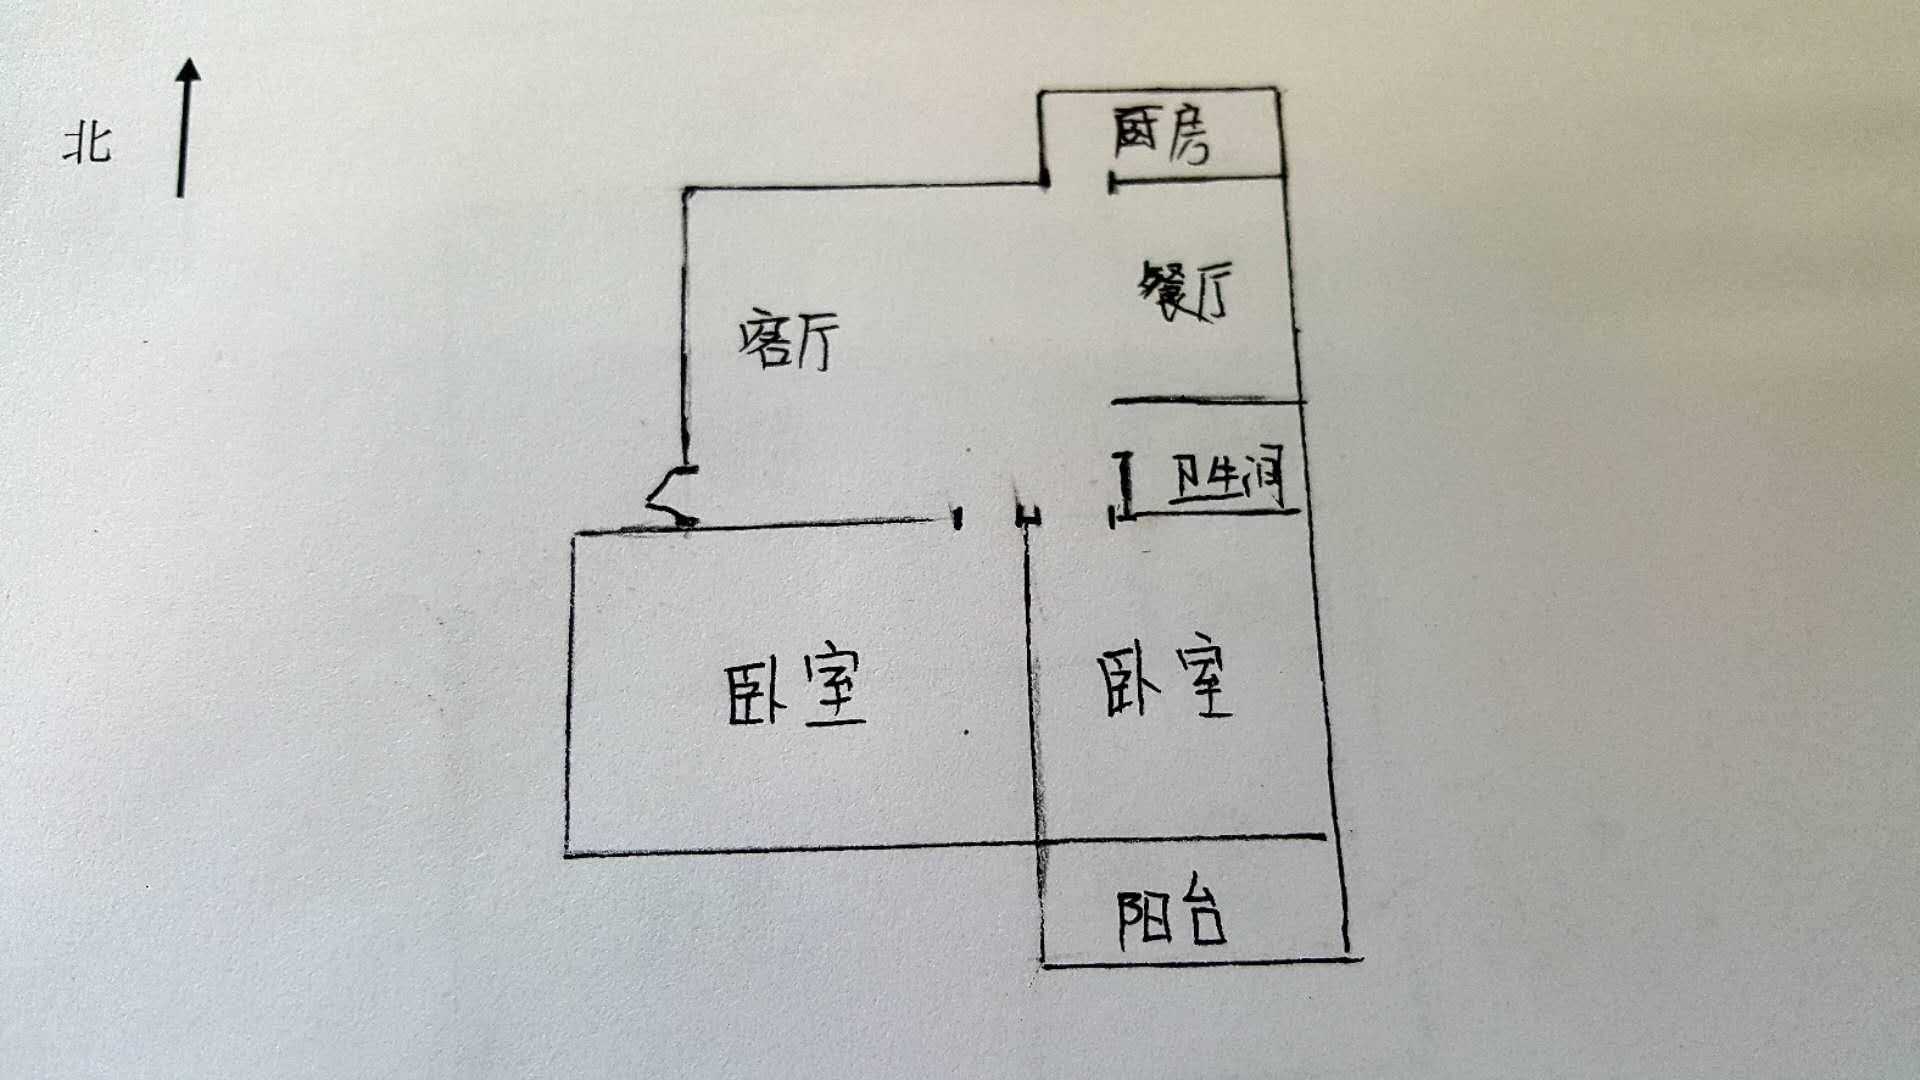 水文队宿舍 2室2厅 4楼